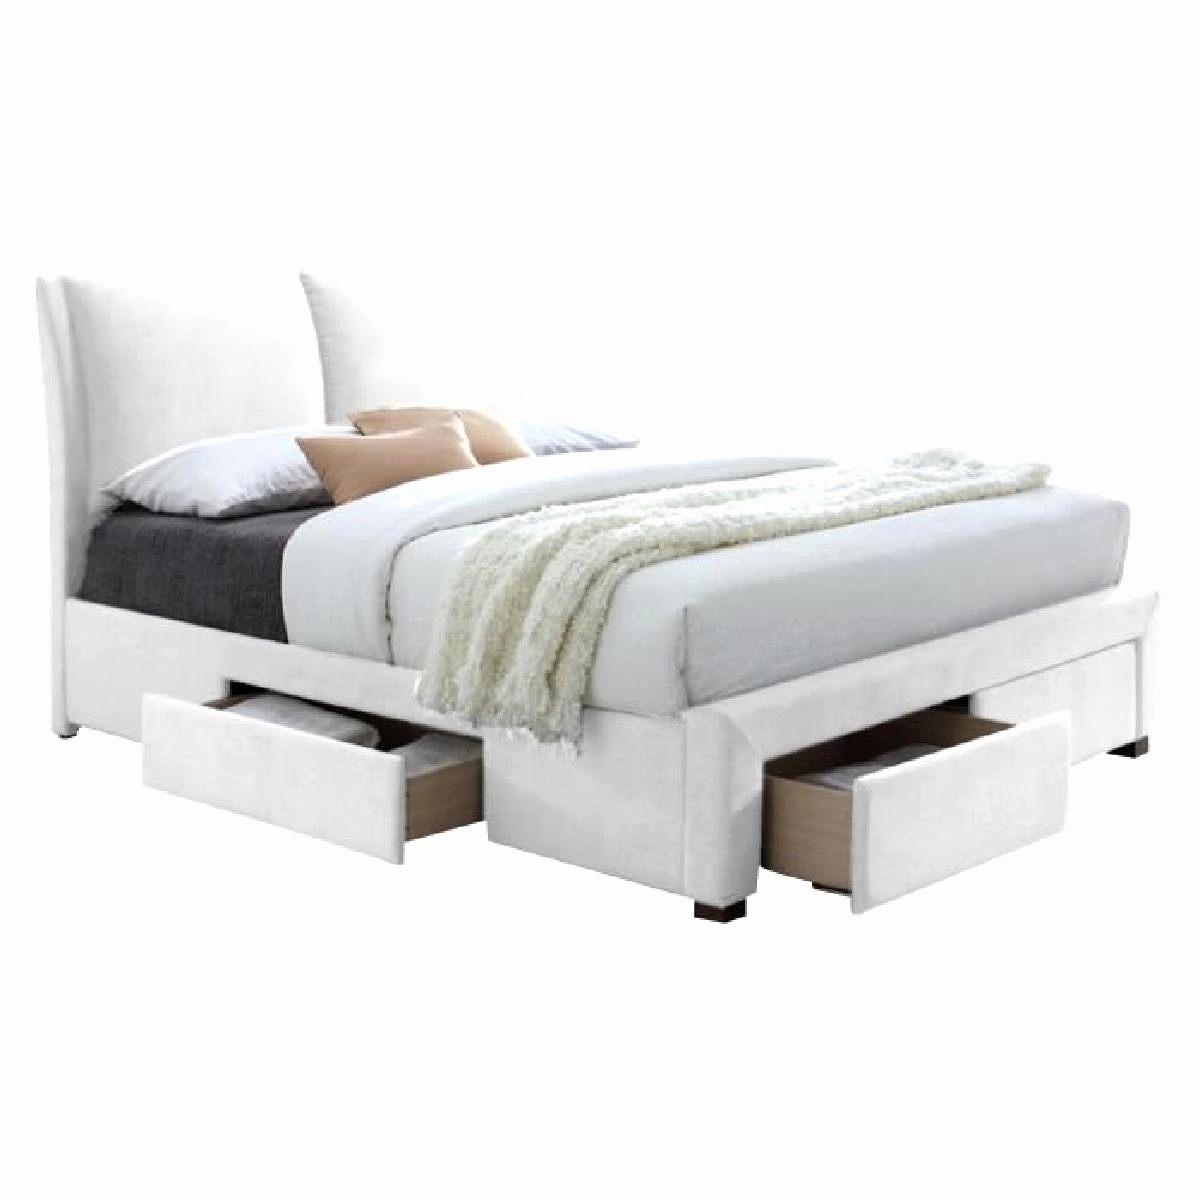 Parure De Lit Chat Magnifique Couette Pour Lit 160—200 Ikea Unique Parure De Lit Chat Free Parure